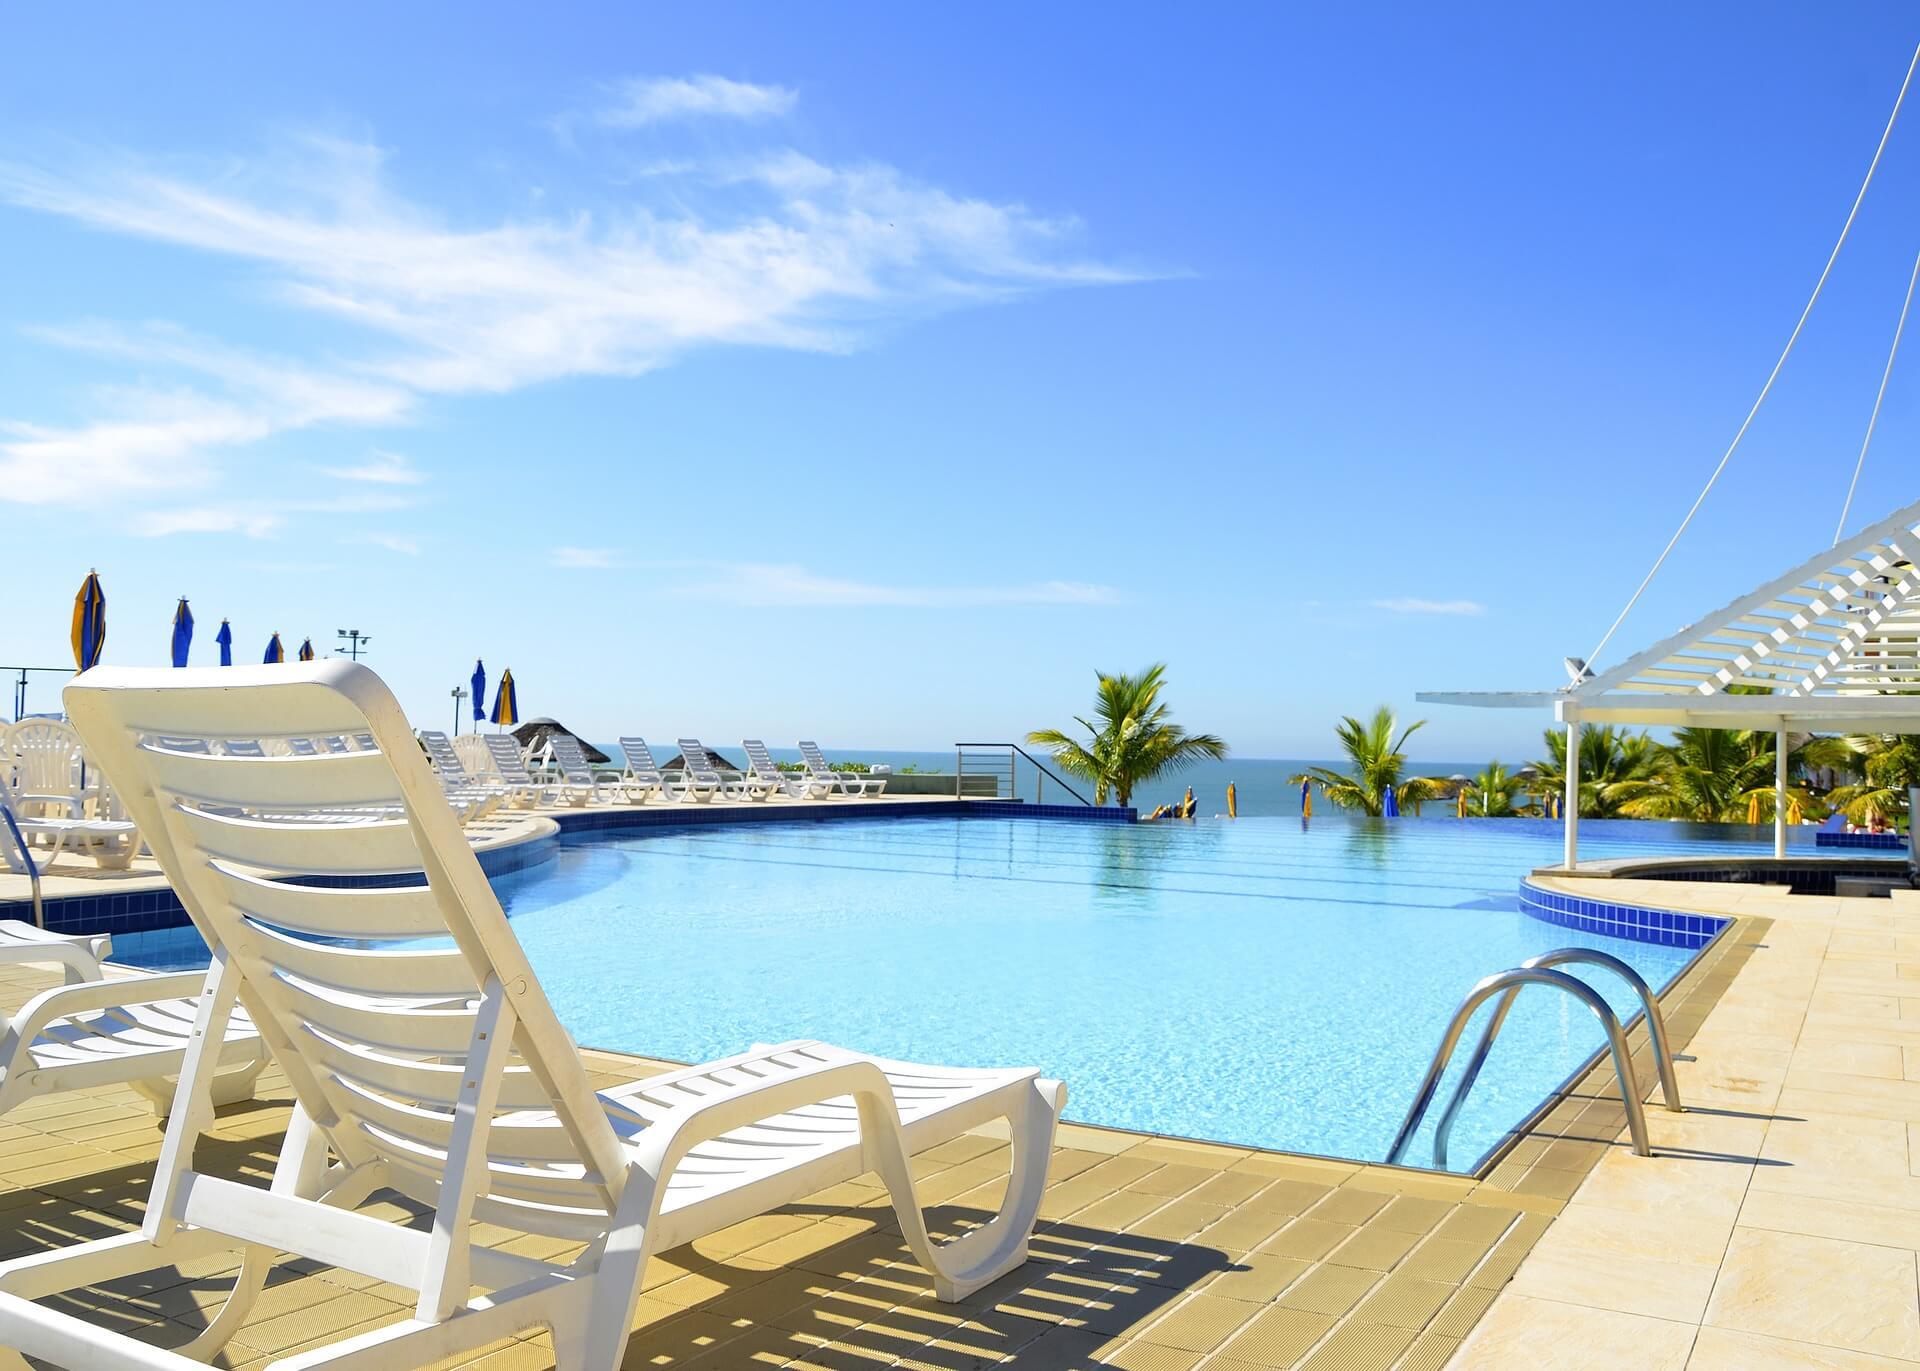 Vemos uma grande piscina com cadeiras na beirada no que parece ser um hotel (imagem ilustrativa).